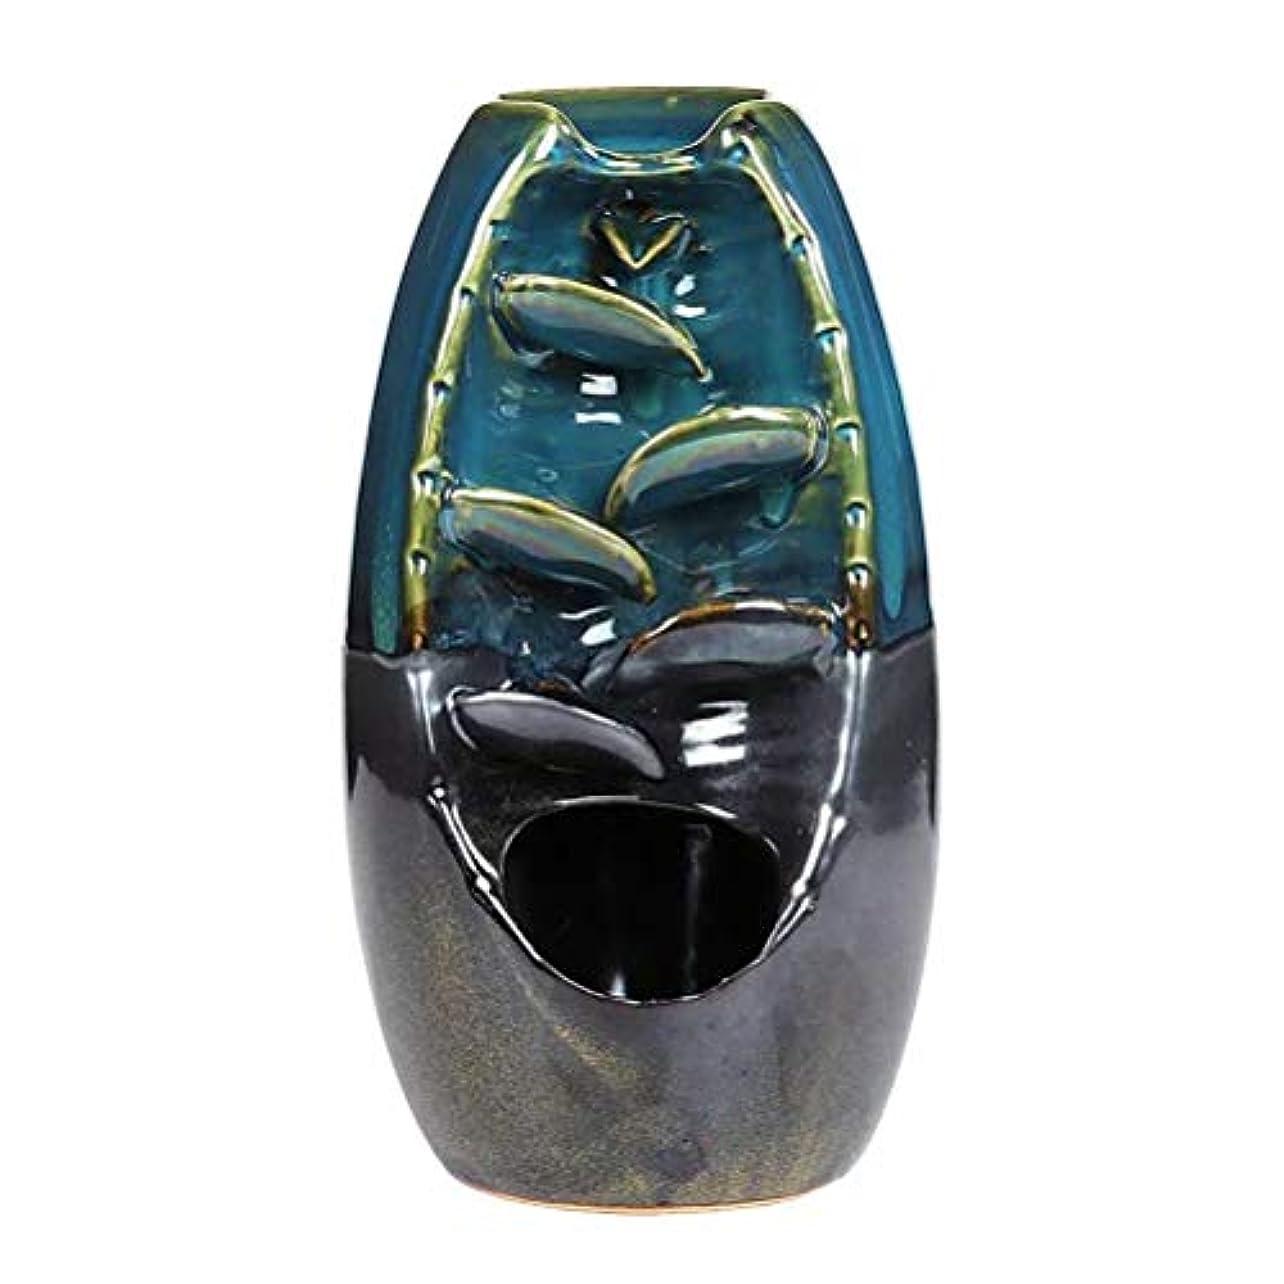 比類なき手錠悲惨なVosarea 逆流香バーナー滝香ホルダーアロマ飾り仏教用品(青)